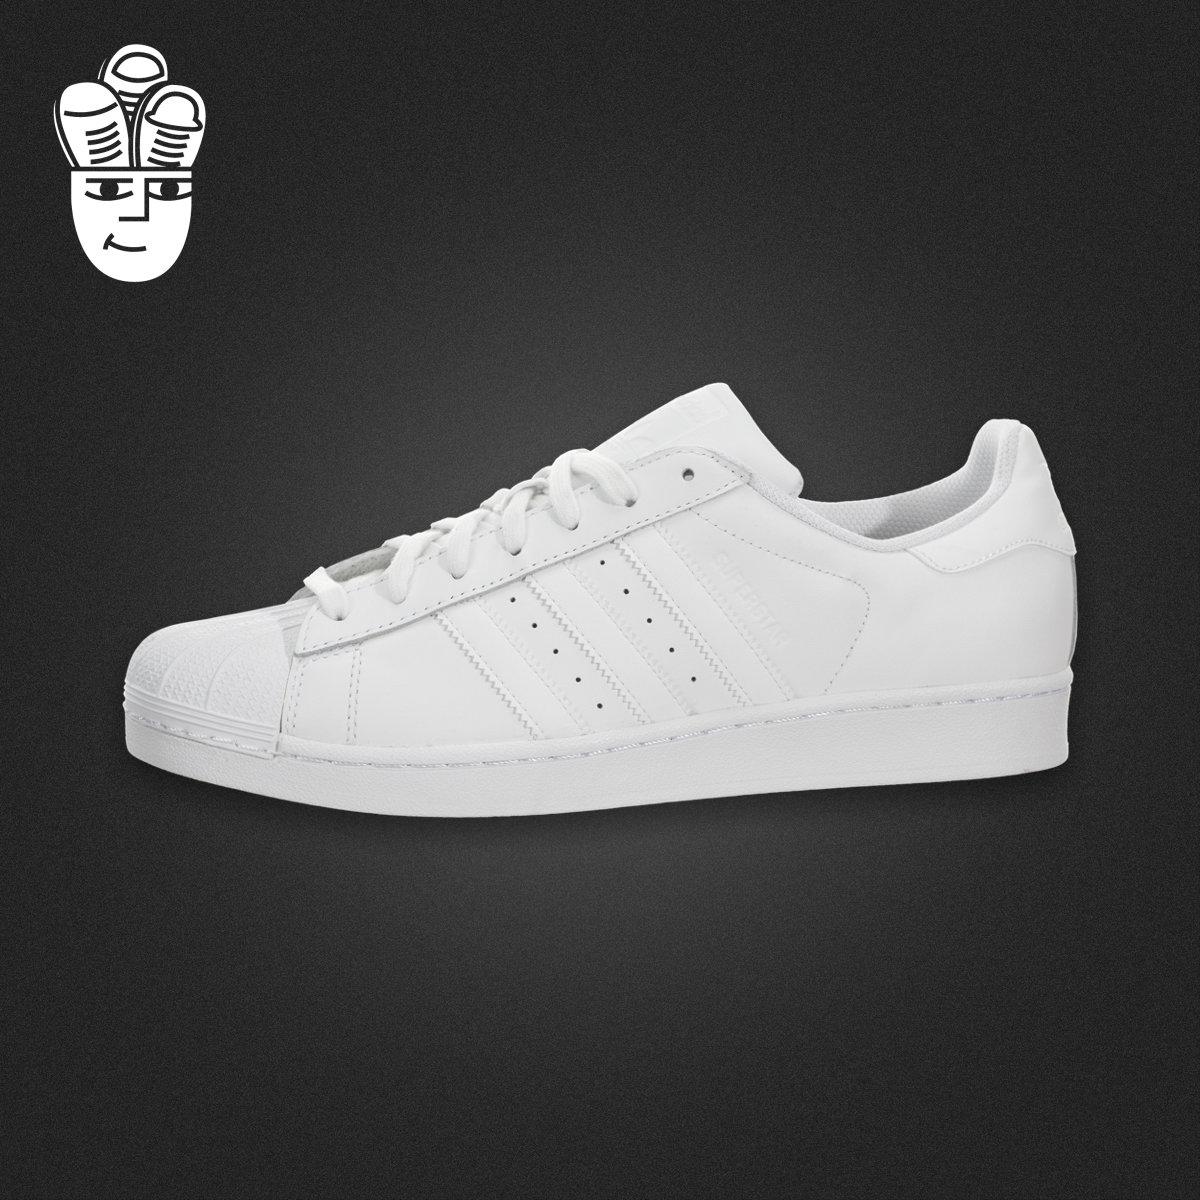 adidas superstar阿迪达斯纯白男鞋